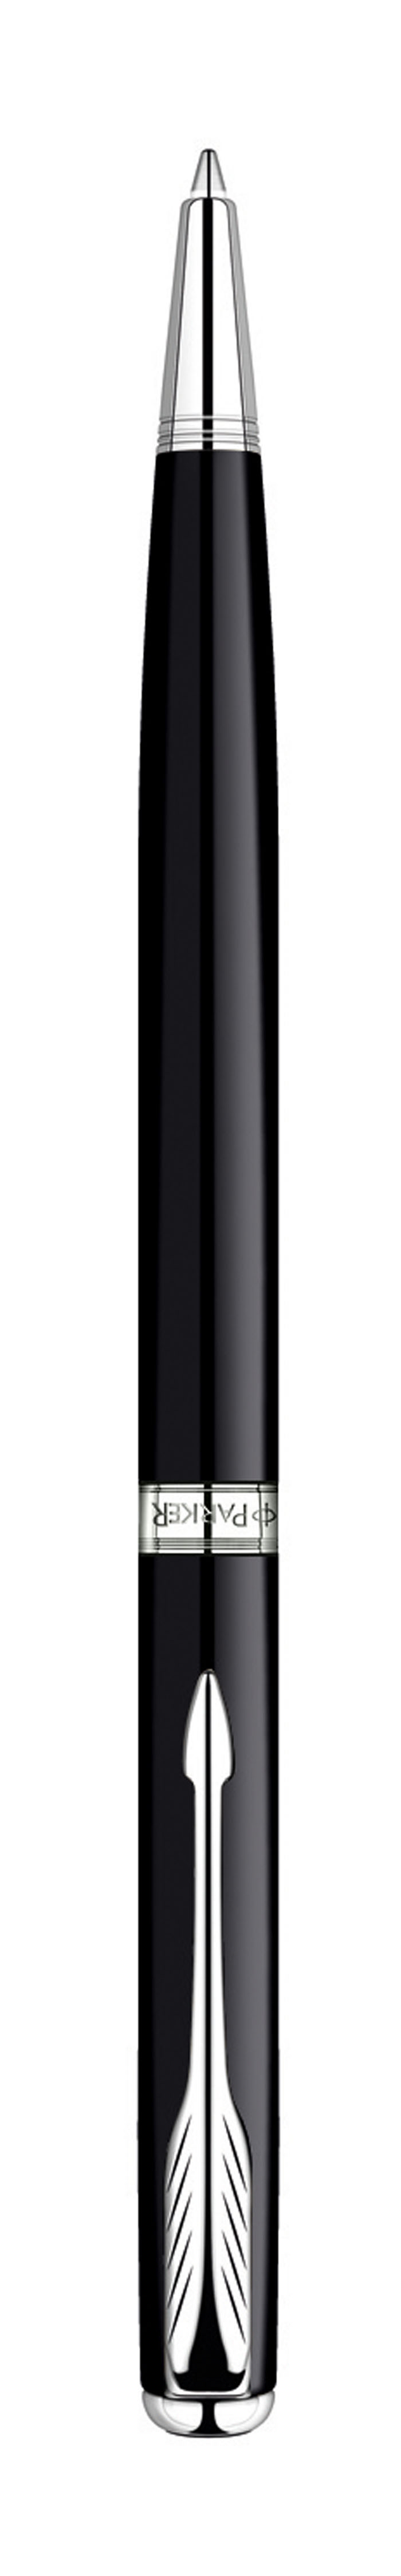 Ручка шариковая Sonnet SLIM Black Laque CT. PARKER-S080884072523WDШариковая ручка Паркер Сонет Слим Блэк Си Ти . Инструмент для письма, линия письма - средняя, цвет чернил черный, в подарочной упаковке. Произведено во Франции.